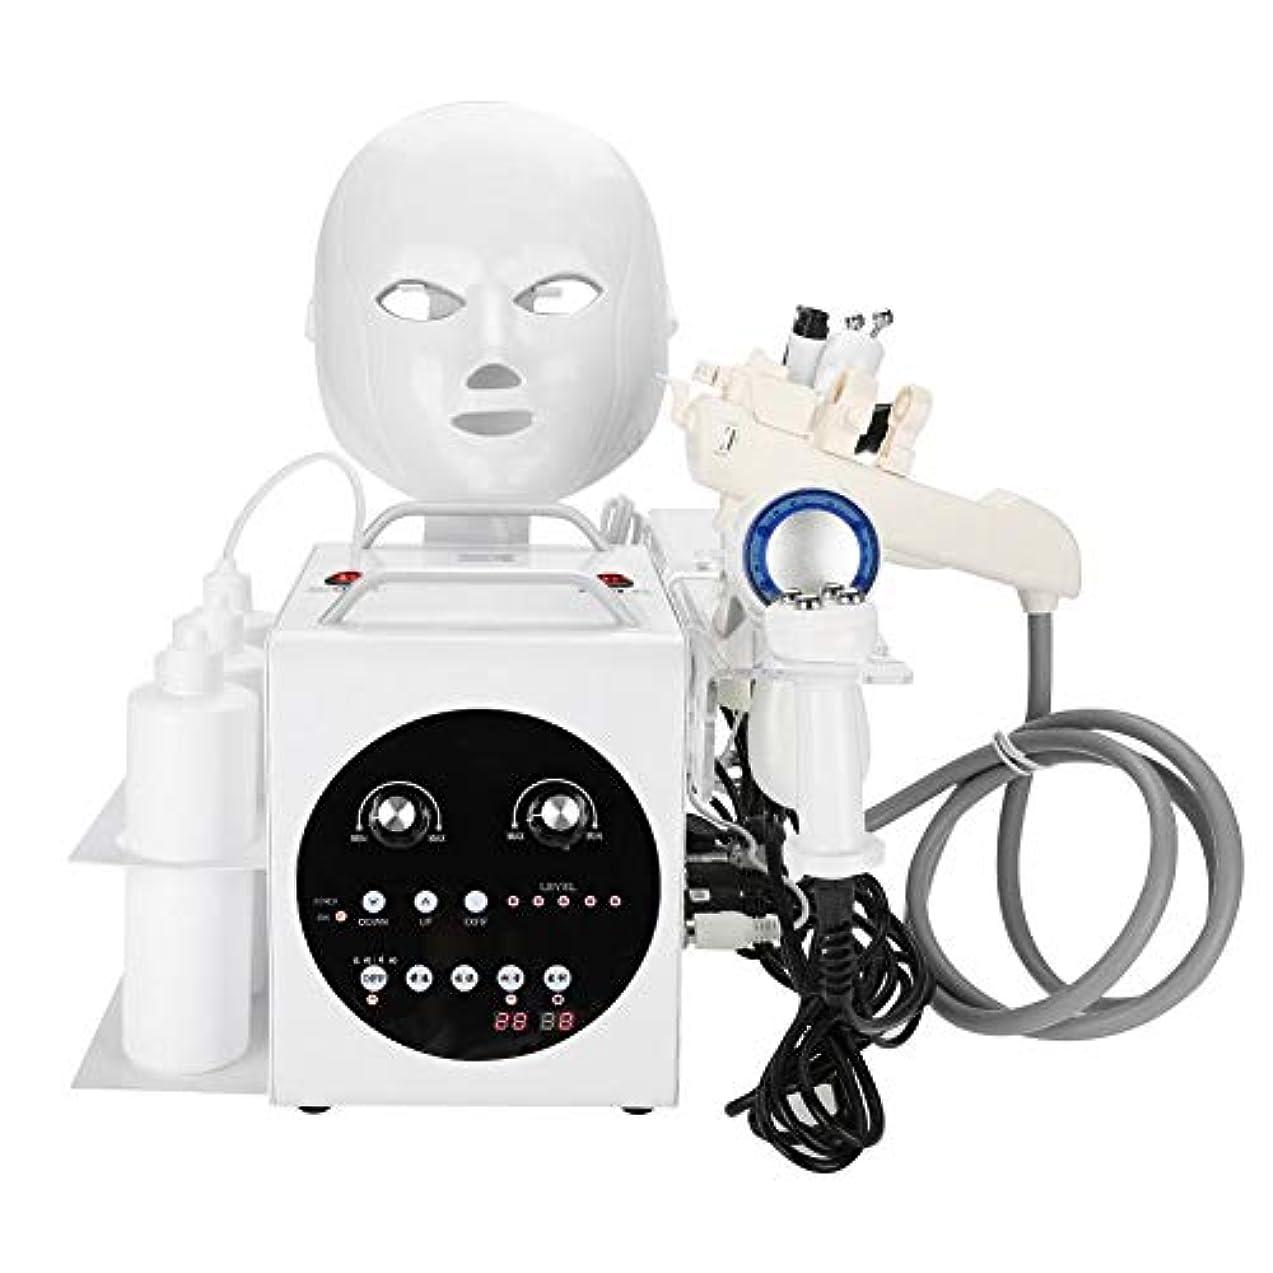 登録醜い無秩序9黒毛のしわの除去、肌の引き締め、美白、肌の若返り、ホームサロンの使用のためのケアの超音波真空RF機械をきつく締める1つの酸素のジェット機に付き9つ(110-240V)